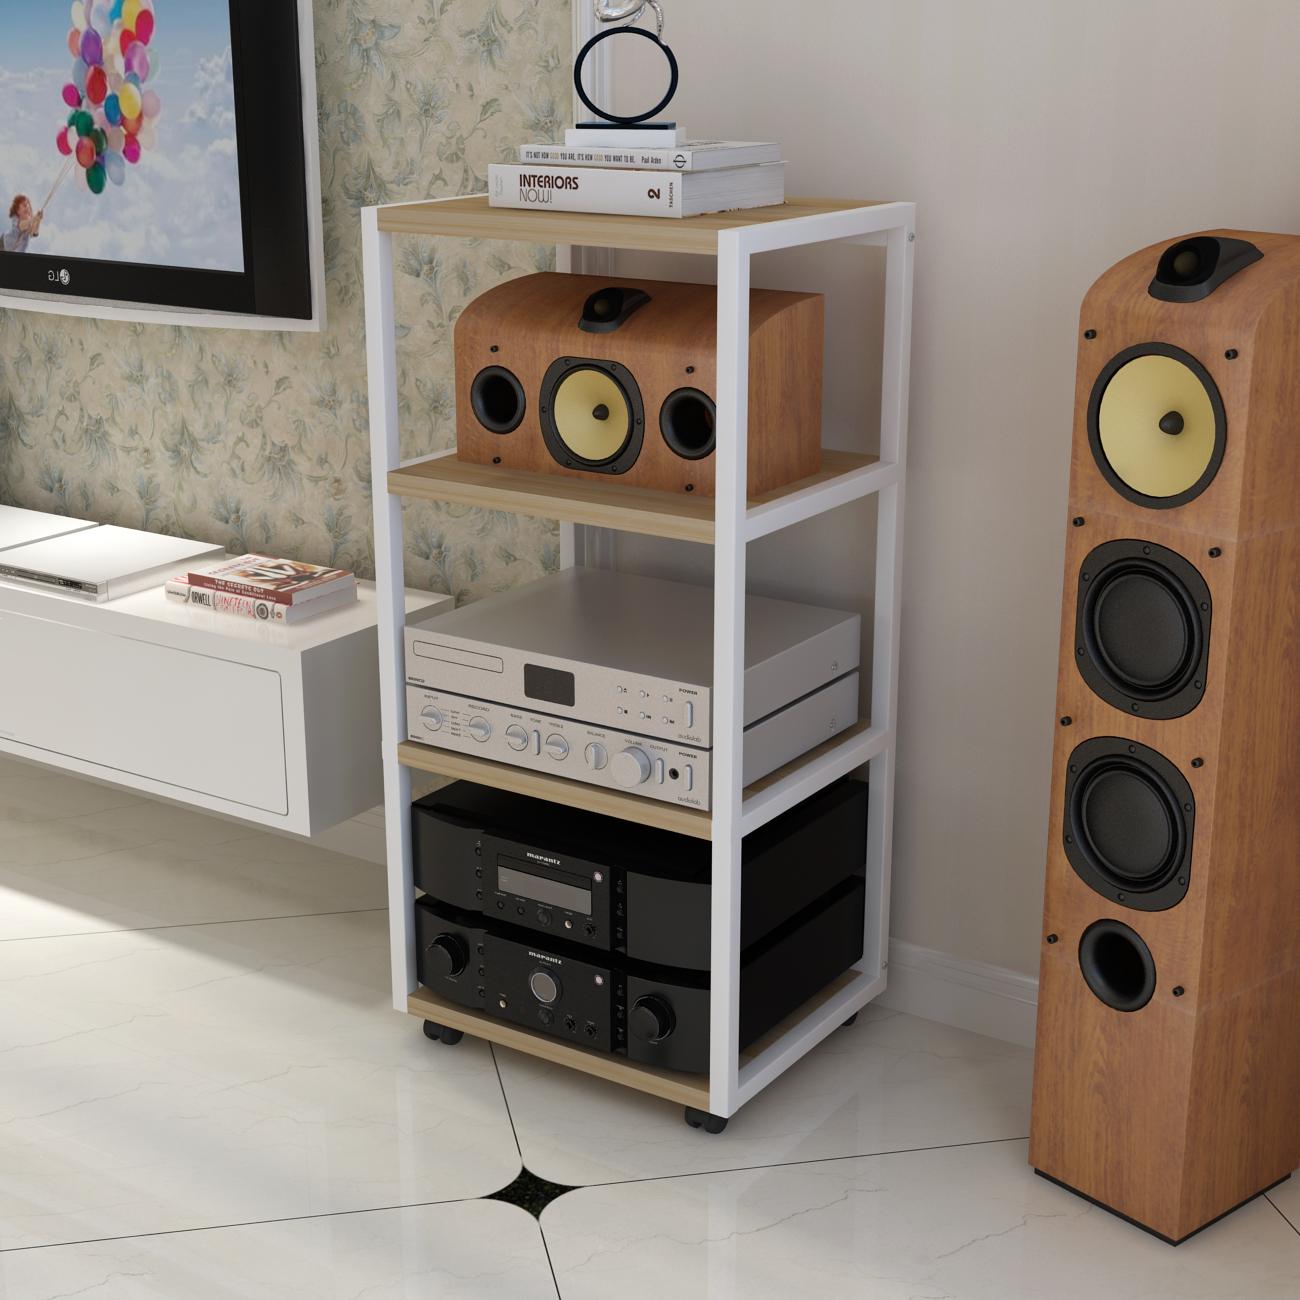 Un marco de madera del amplificador audio Equipment rack audio TV KTV trípode metálico sonido.